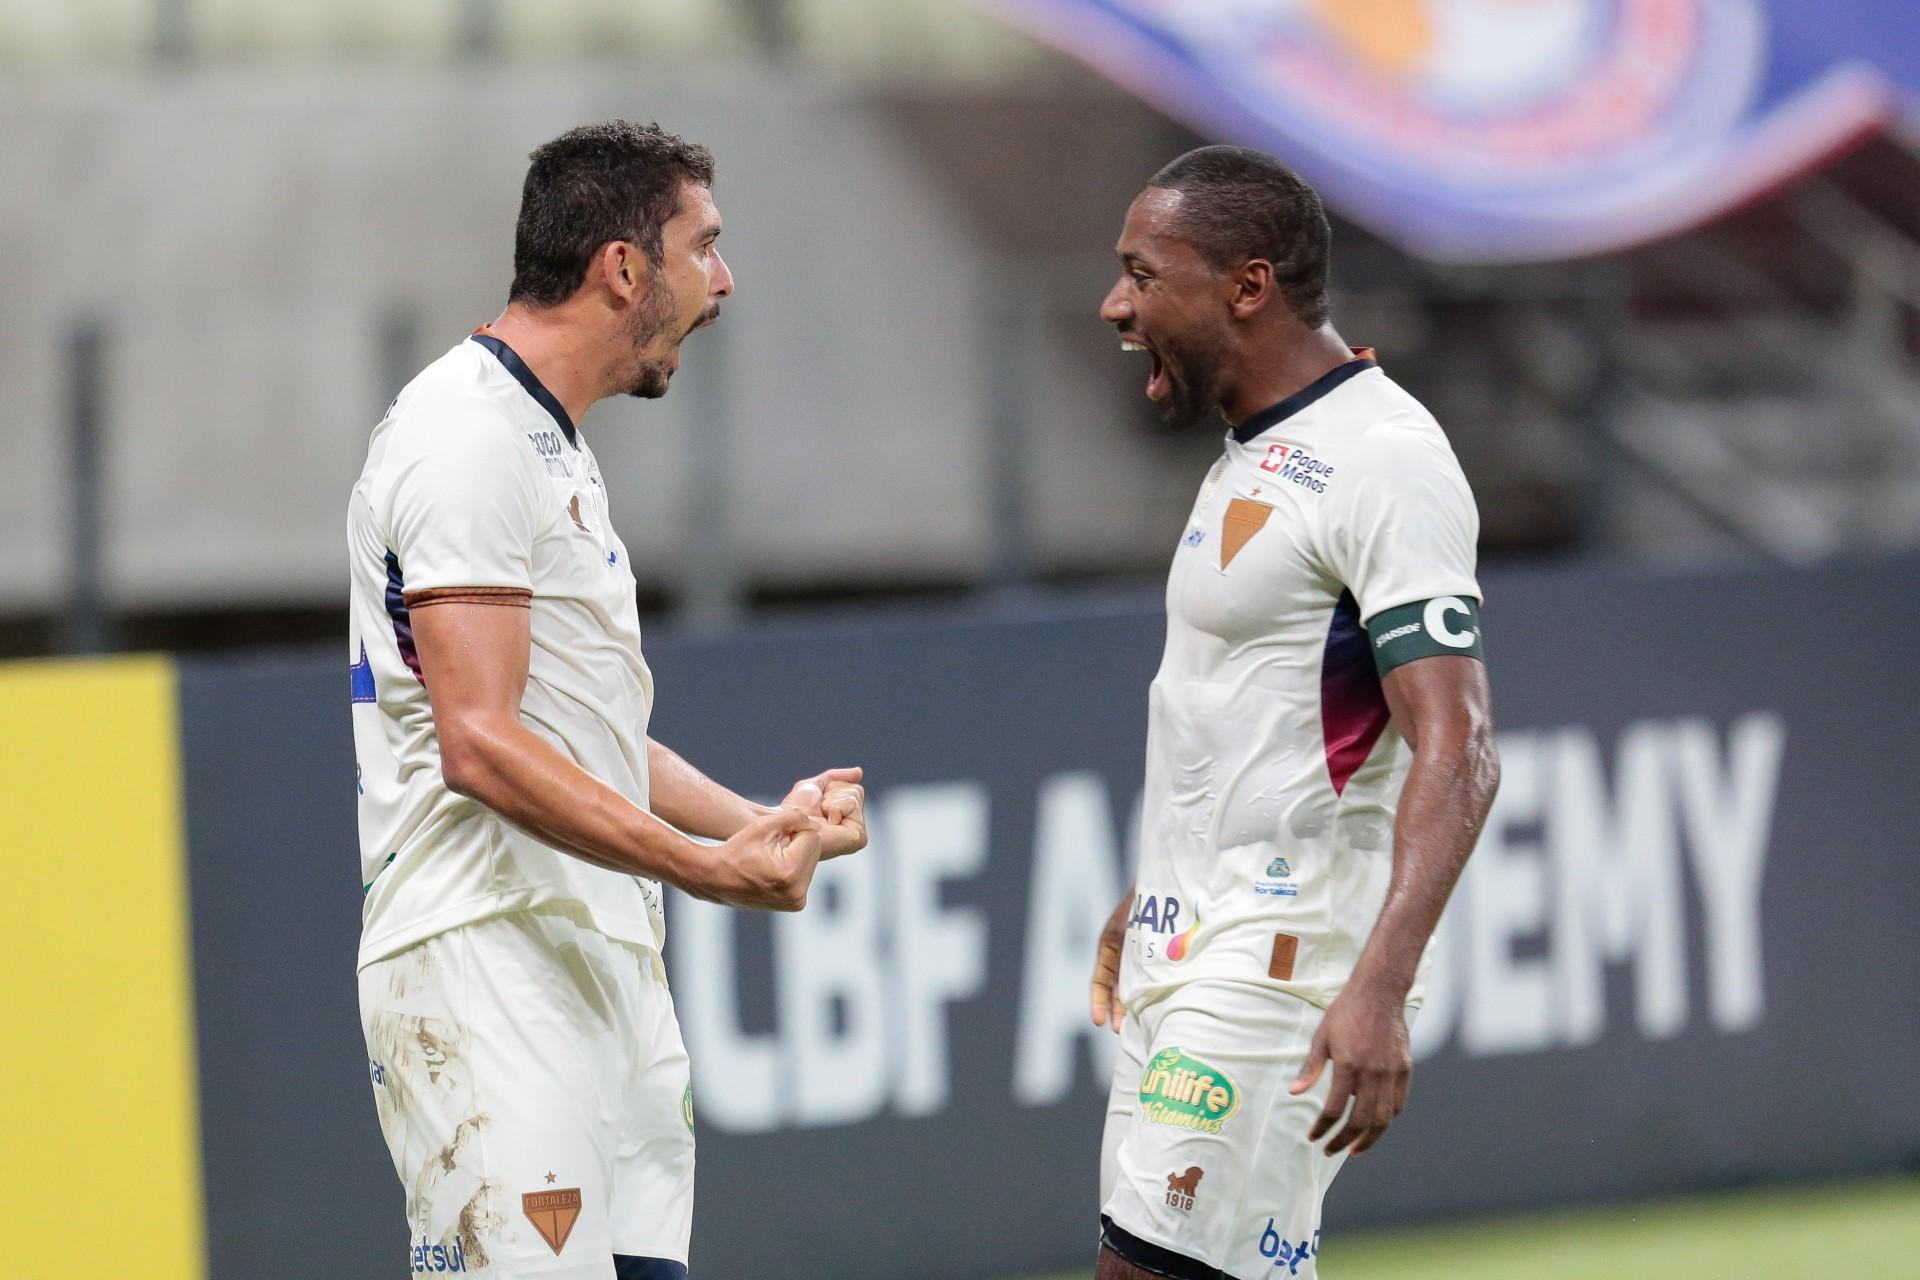 Com estética única, as camisas trouxeram sorte ao Tricolor, que venceu o CRB por 1 a 0 em sua estreia no Nordestão.